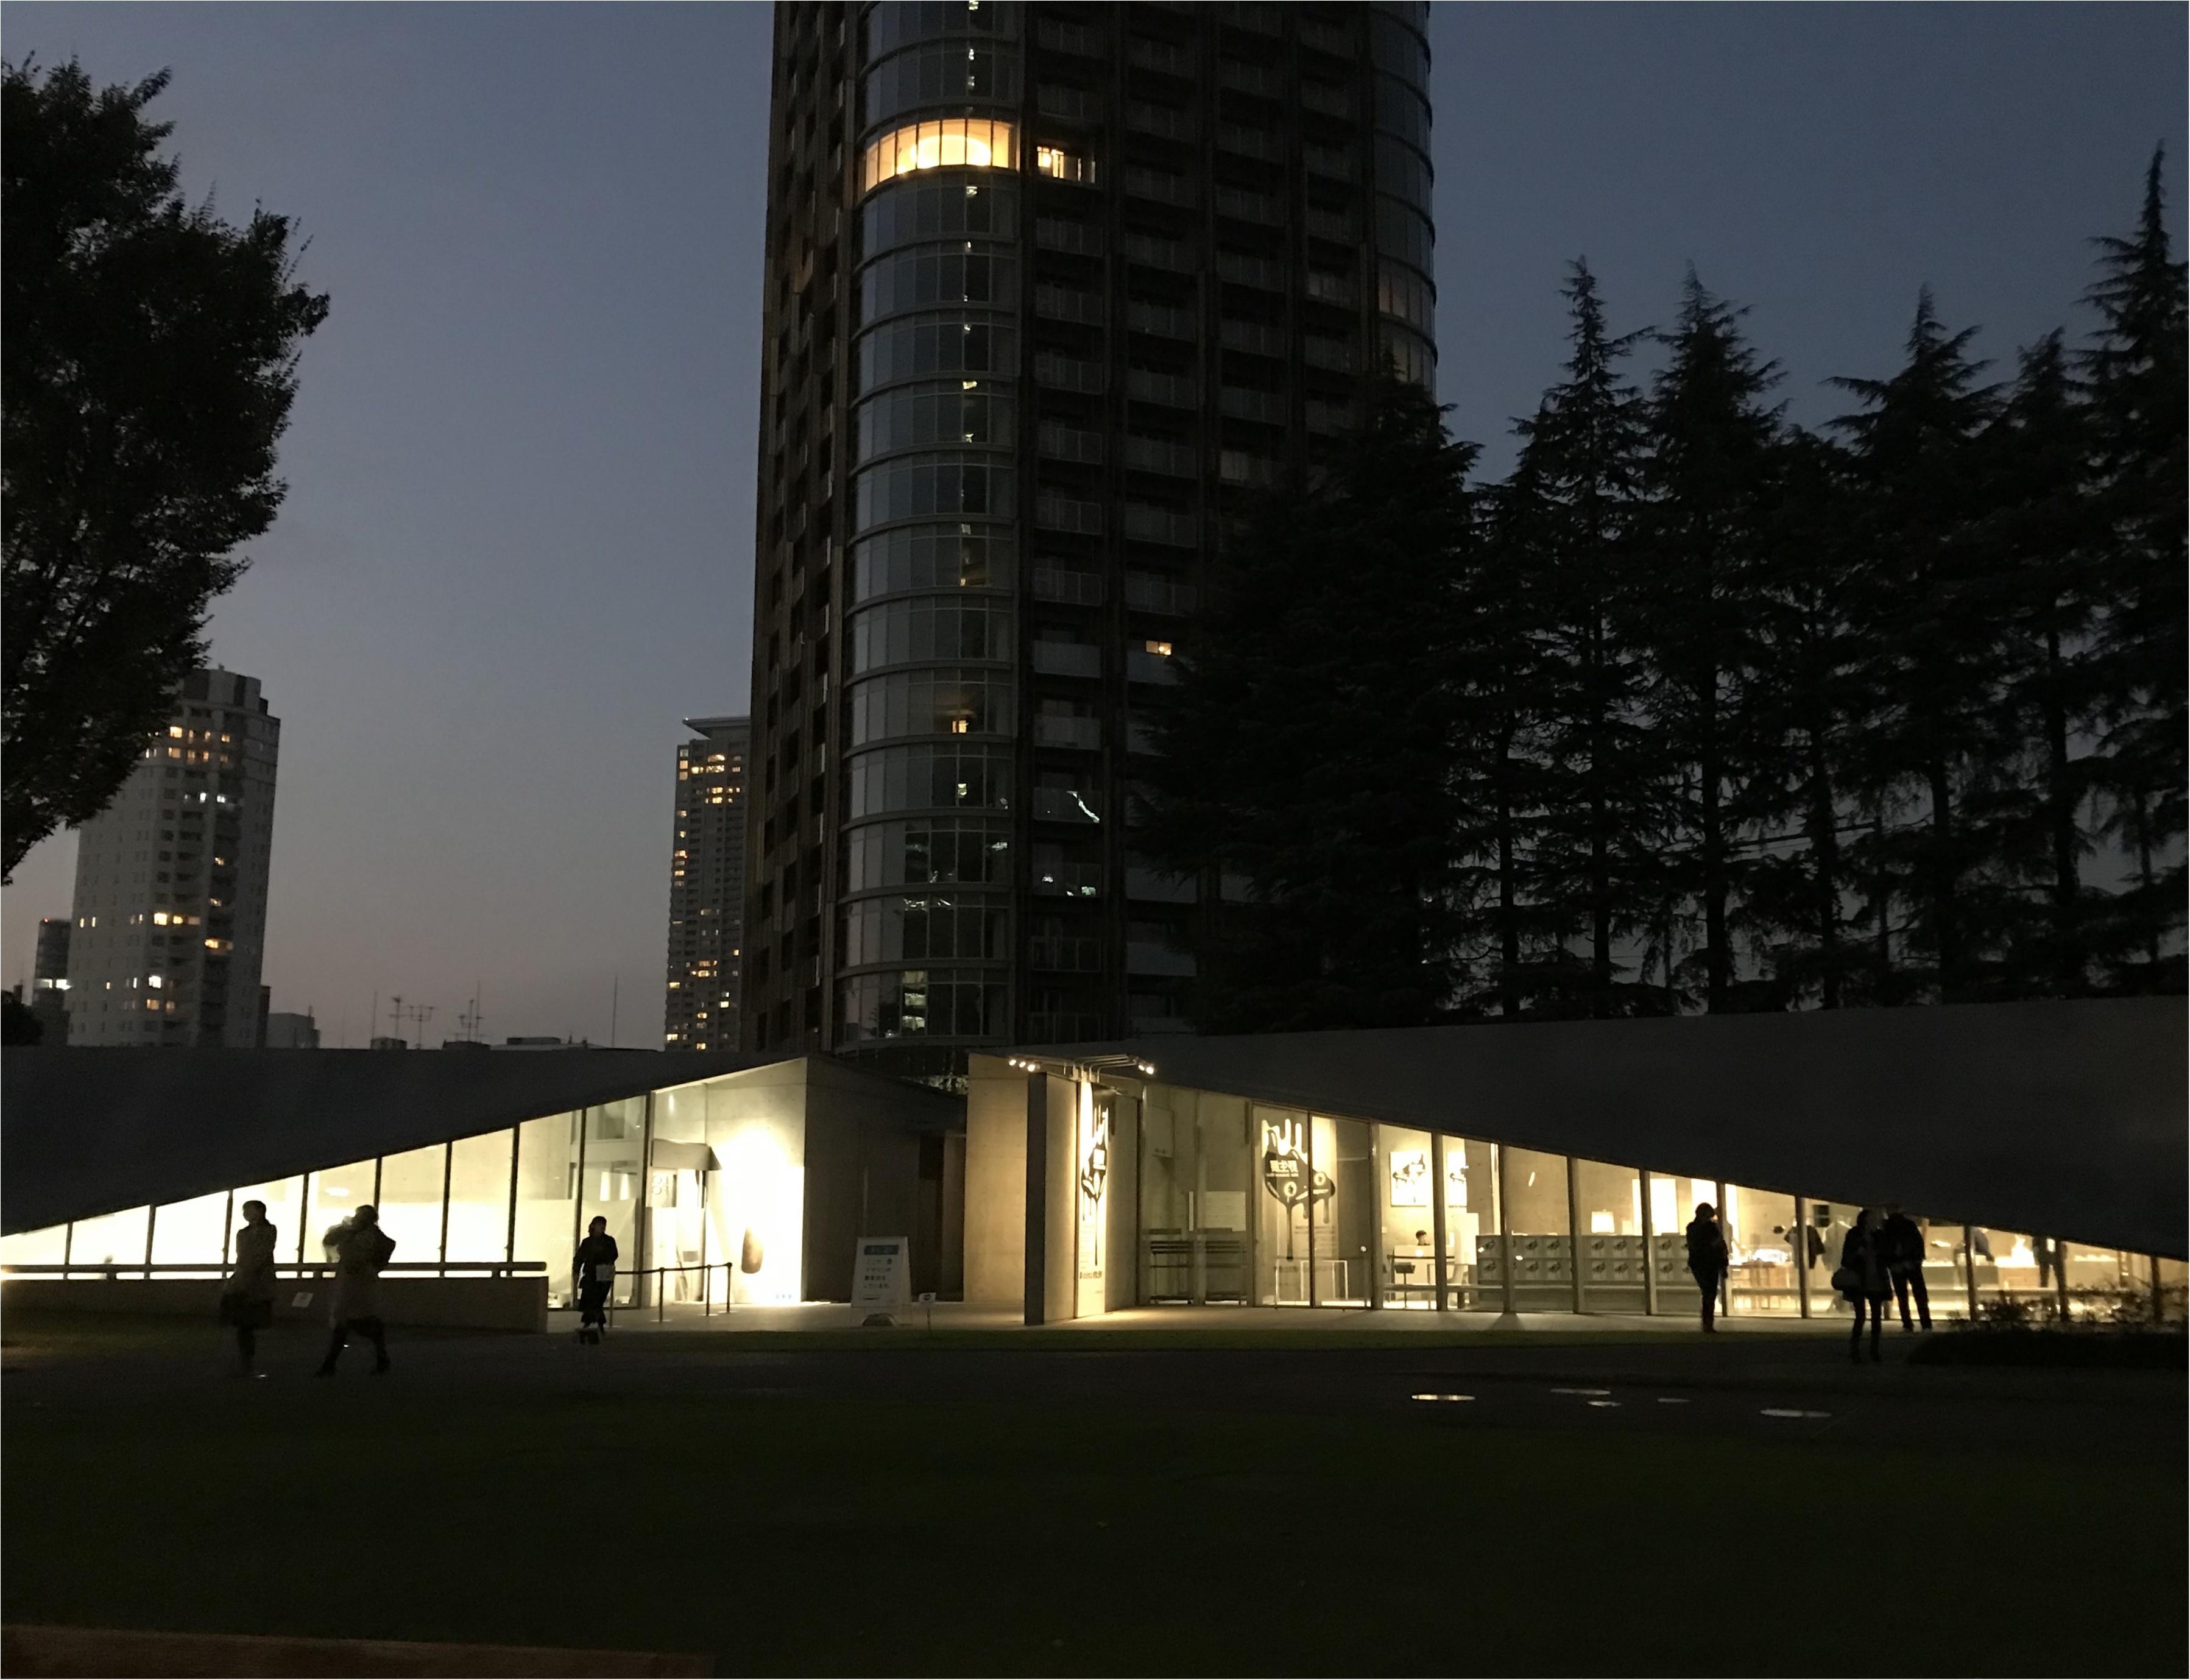 日本が世界に誇る建築家!!国立新美術館で開催中の【安藤忠雄展】に行ってきました〜♡ 来場者がみーんな写真を撮るフォトスポットとは??_1